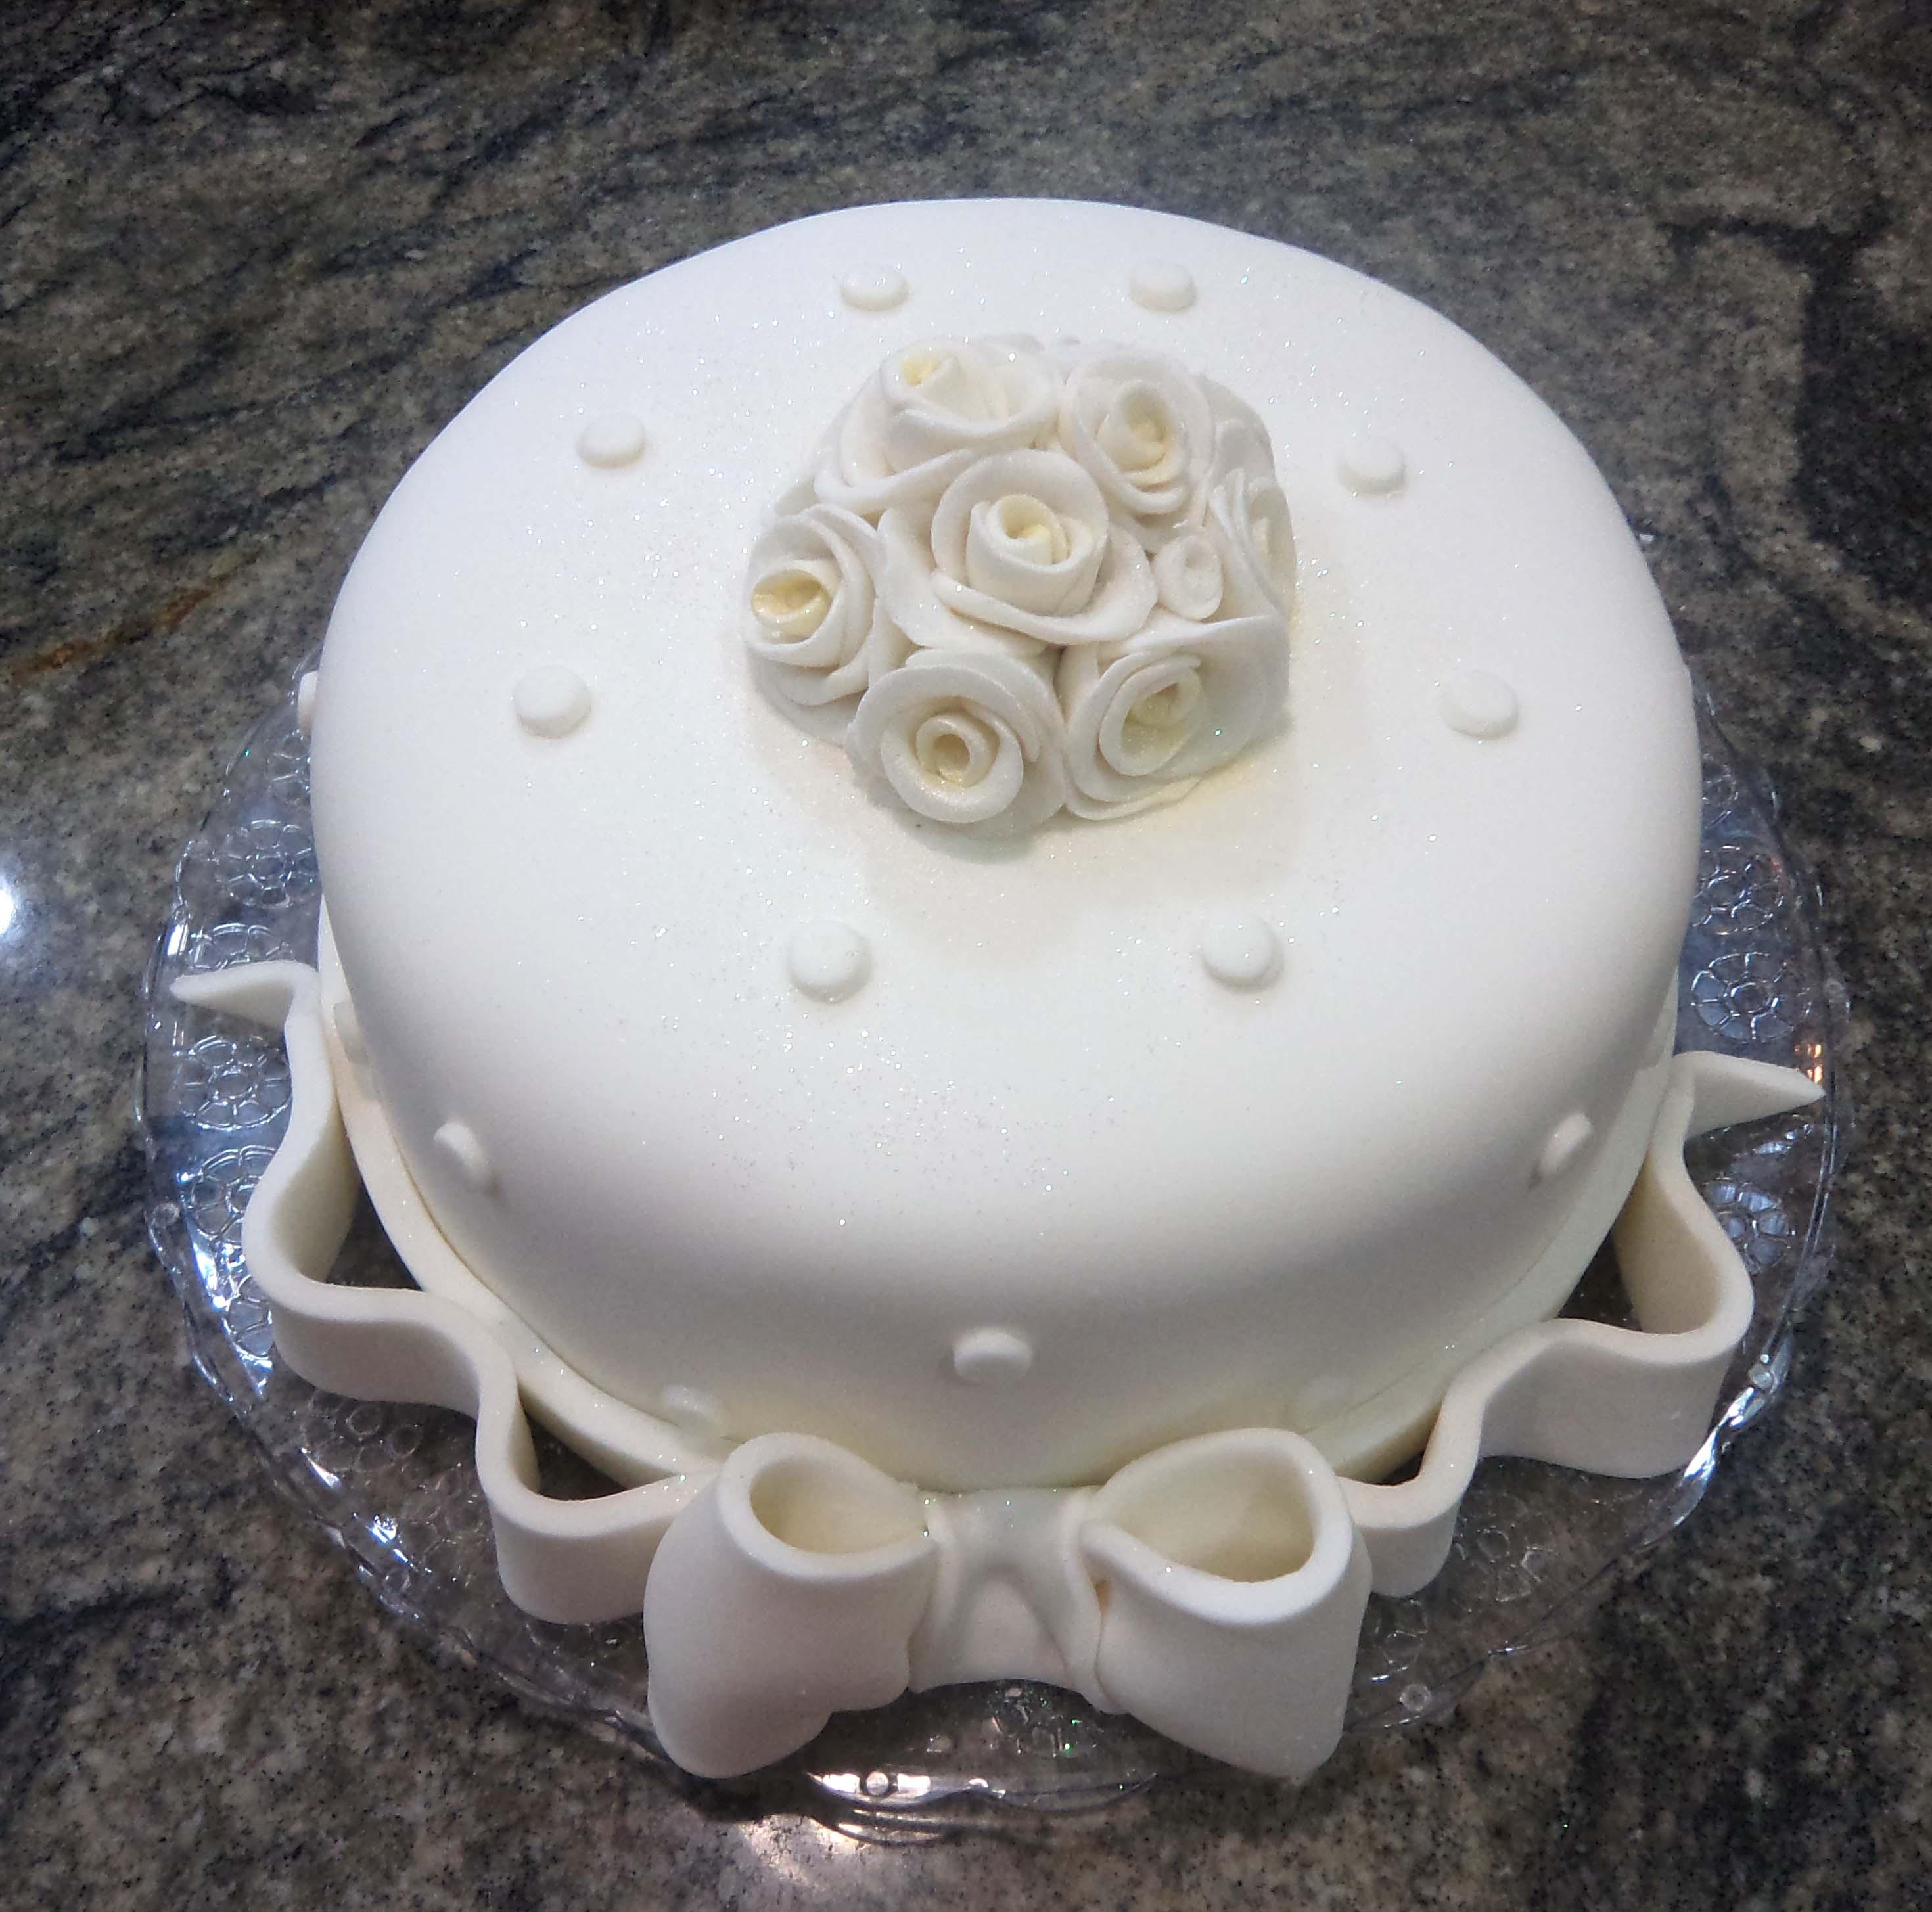 bolos-decorados-de-casamento-simples-14